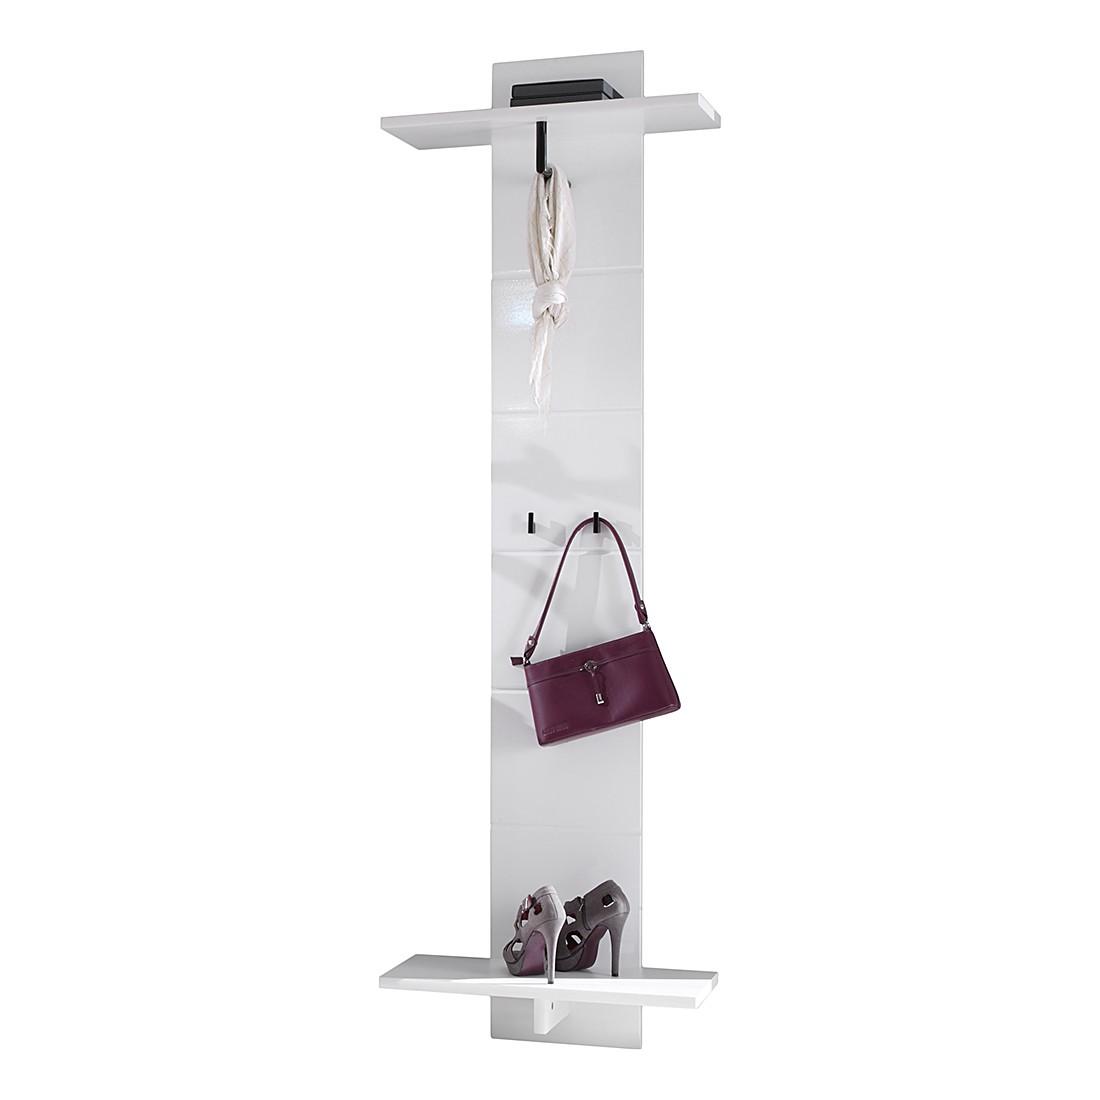 Garderobenpaneel Looma – Hochglanz Weiß, Top Square bestellen